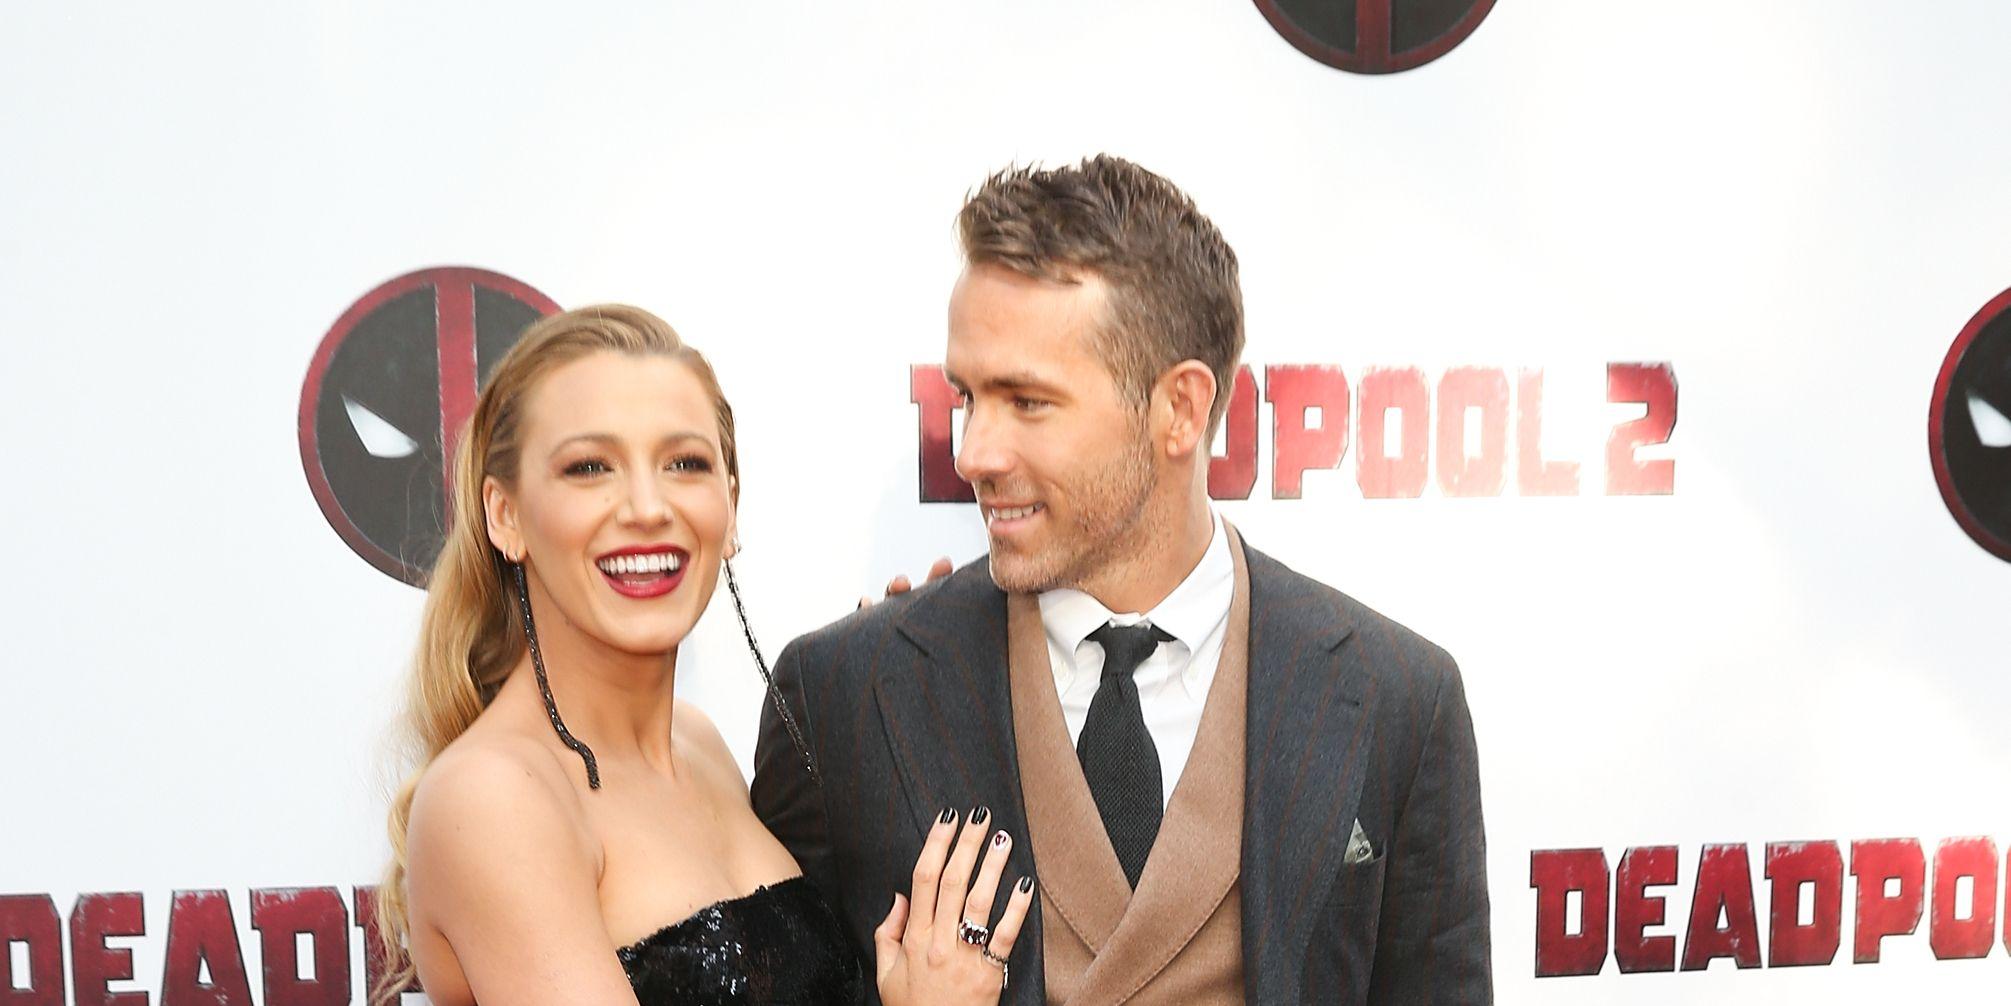 Blake Lively, Ryan Reynolds, trollen, Instagram, social media, grappen, grollen, elkaar te grazen nemen, beste reacties, comments, flirten, sexy, speels, beste koppels op social media, online humor